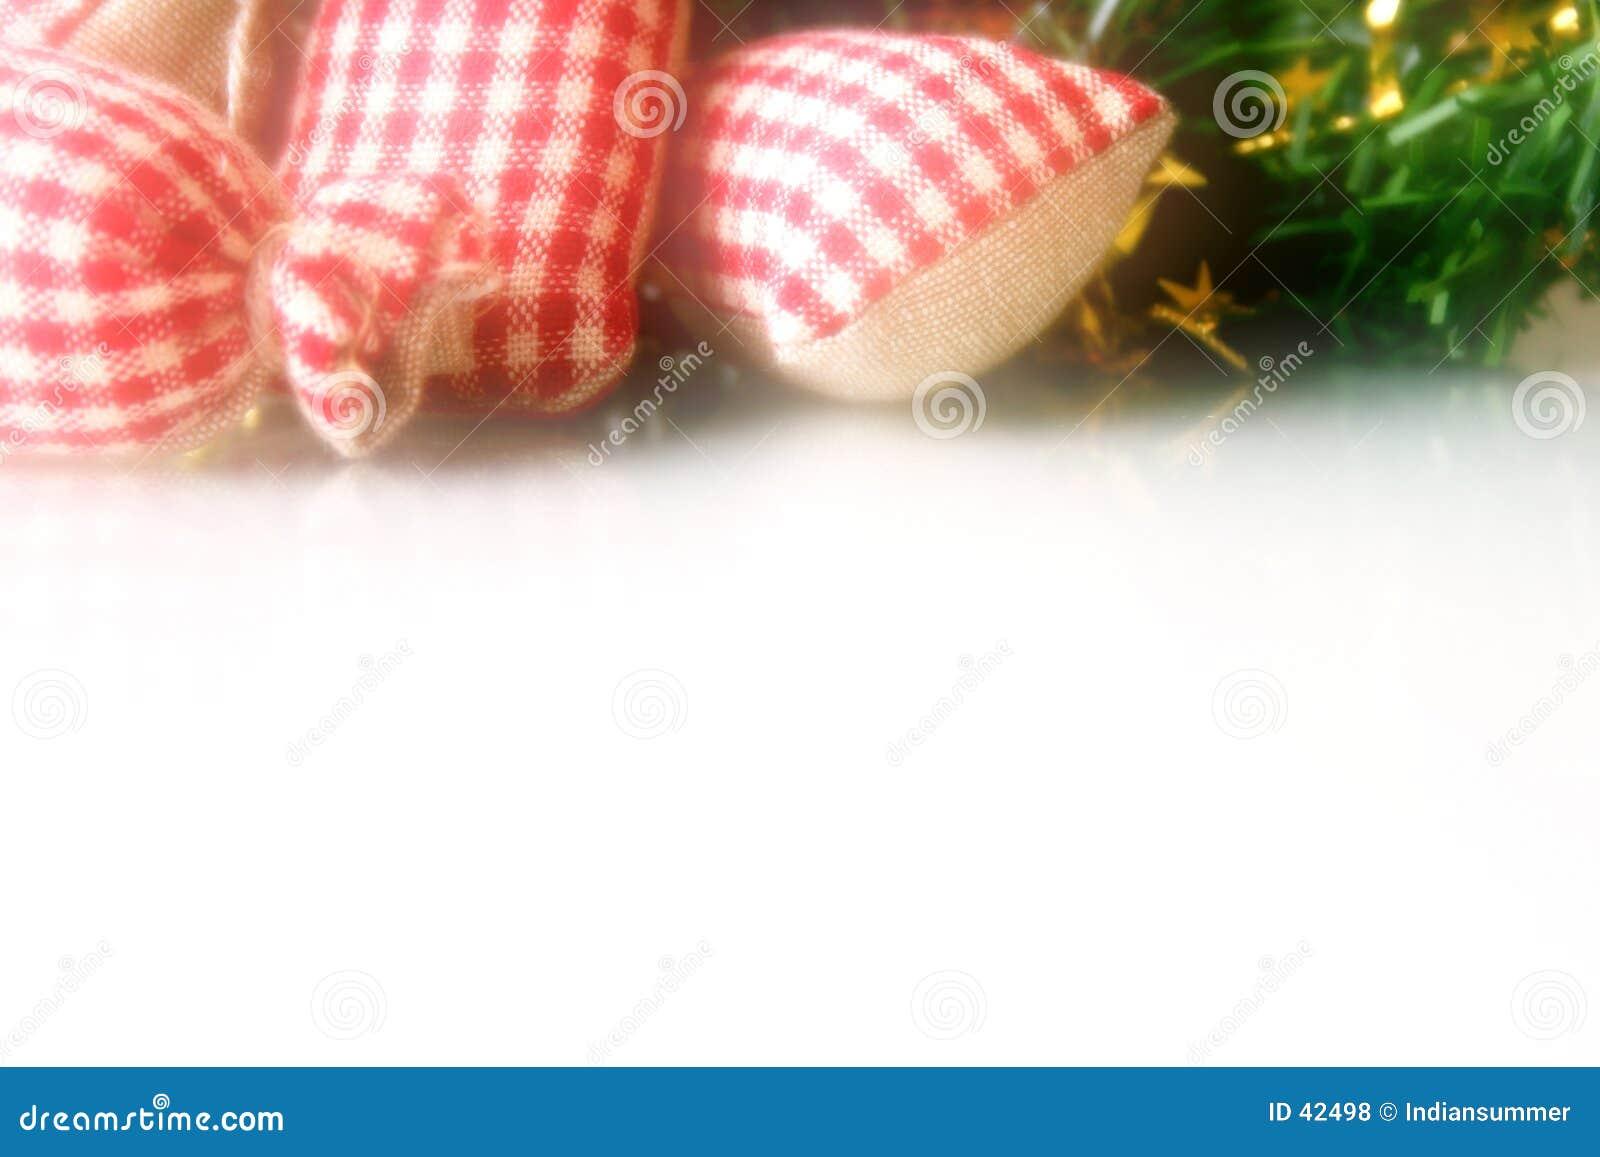 Download Fondo 5 de la Navidad foto de archivo. Imagen de regalo - 42498